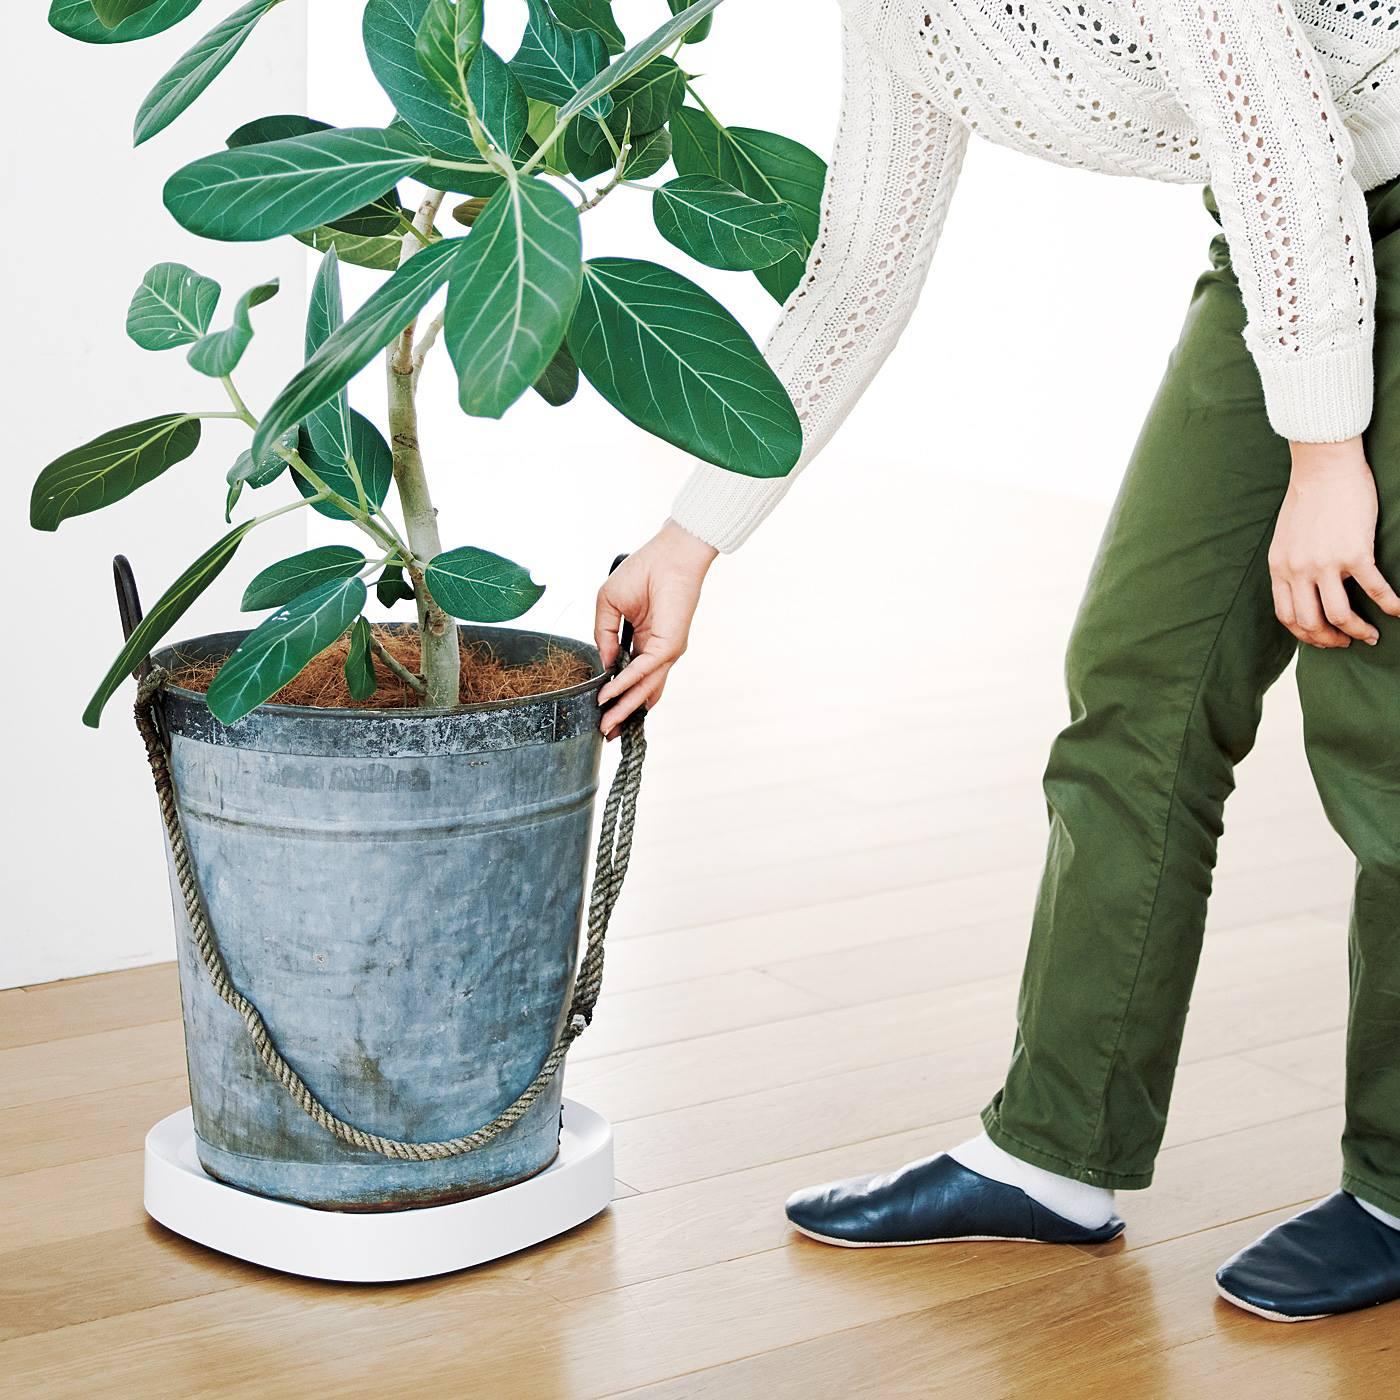 動かしにくい観葉植物の鉢も前後左右らくらく移動できます。